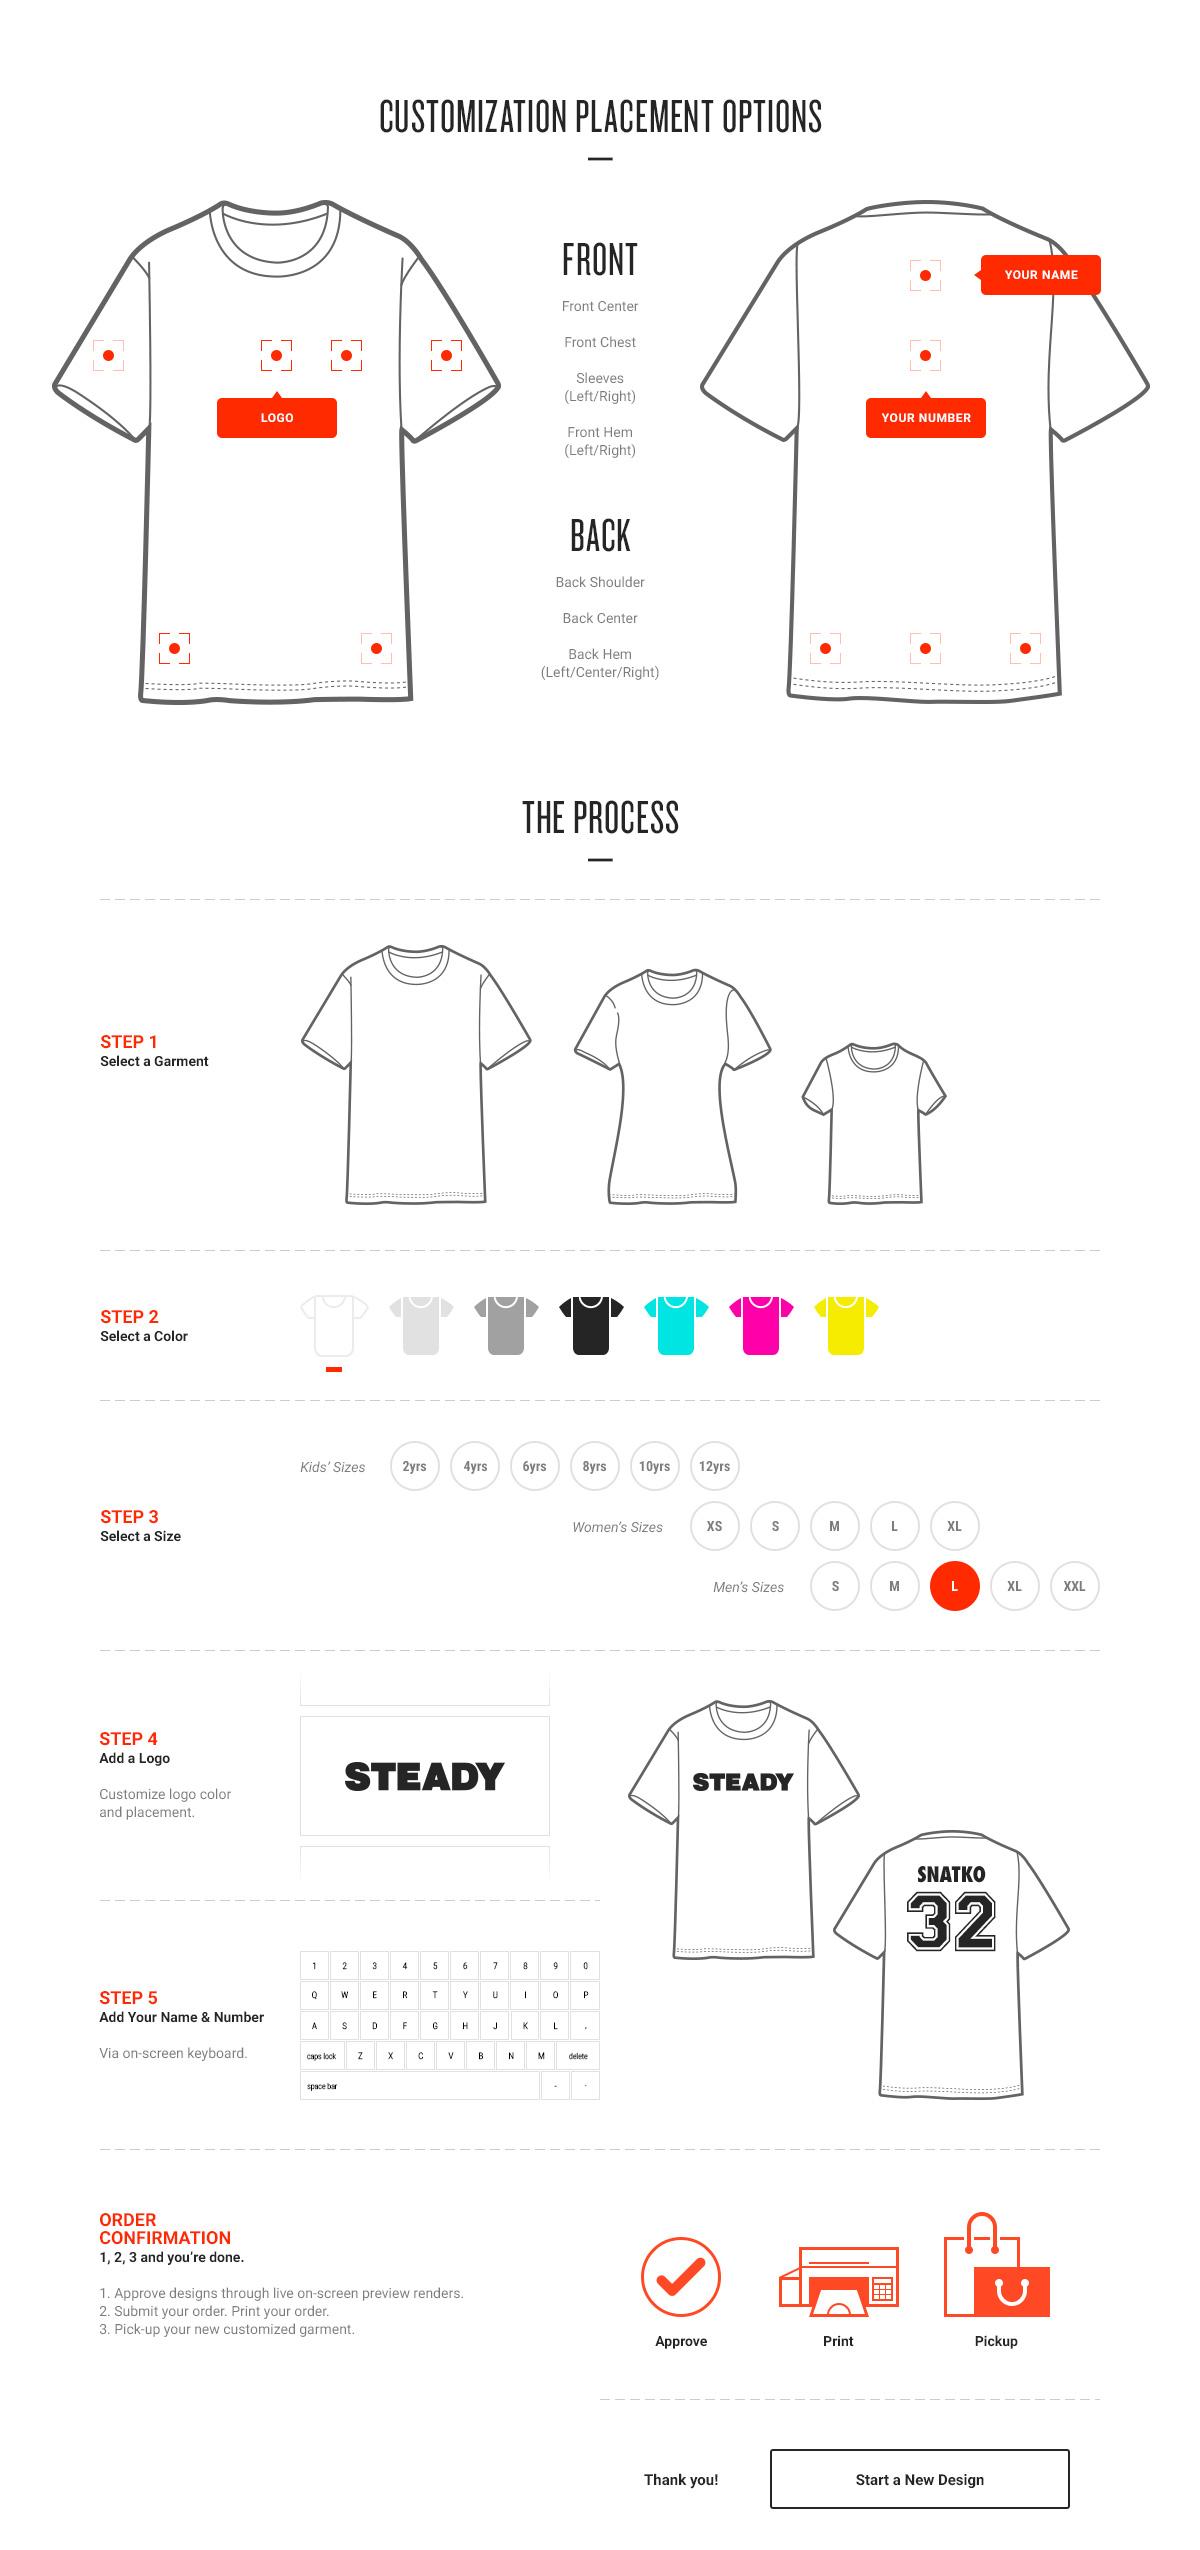 steady product customization